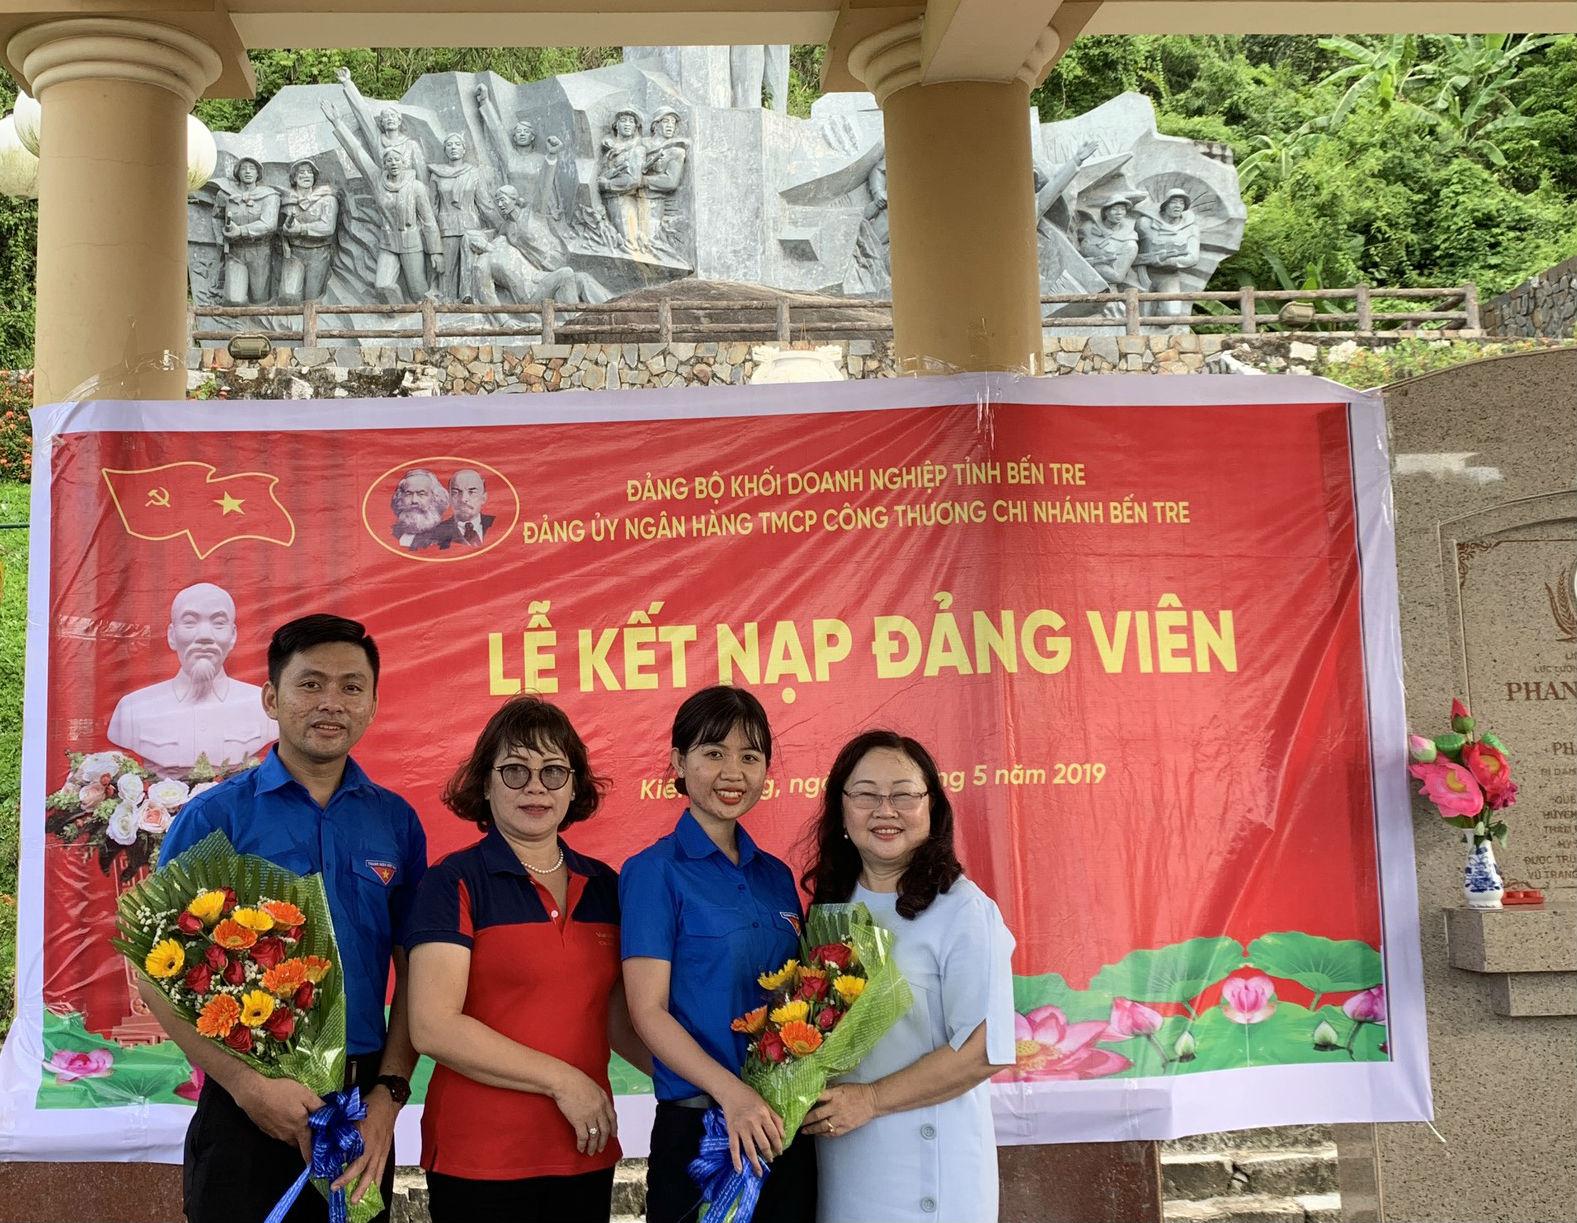 """Hoạt động """"Tuổi trẻ khối Doanh nghiệp nhớ lời Di chúc theo chân Bác"""", kỷ niệm 50 năm thực hiện Di chúc Chủ tịch Hồ Chí Minh và chuỗi hoạt động Hành trình về địa chỉ đỏ"""